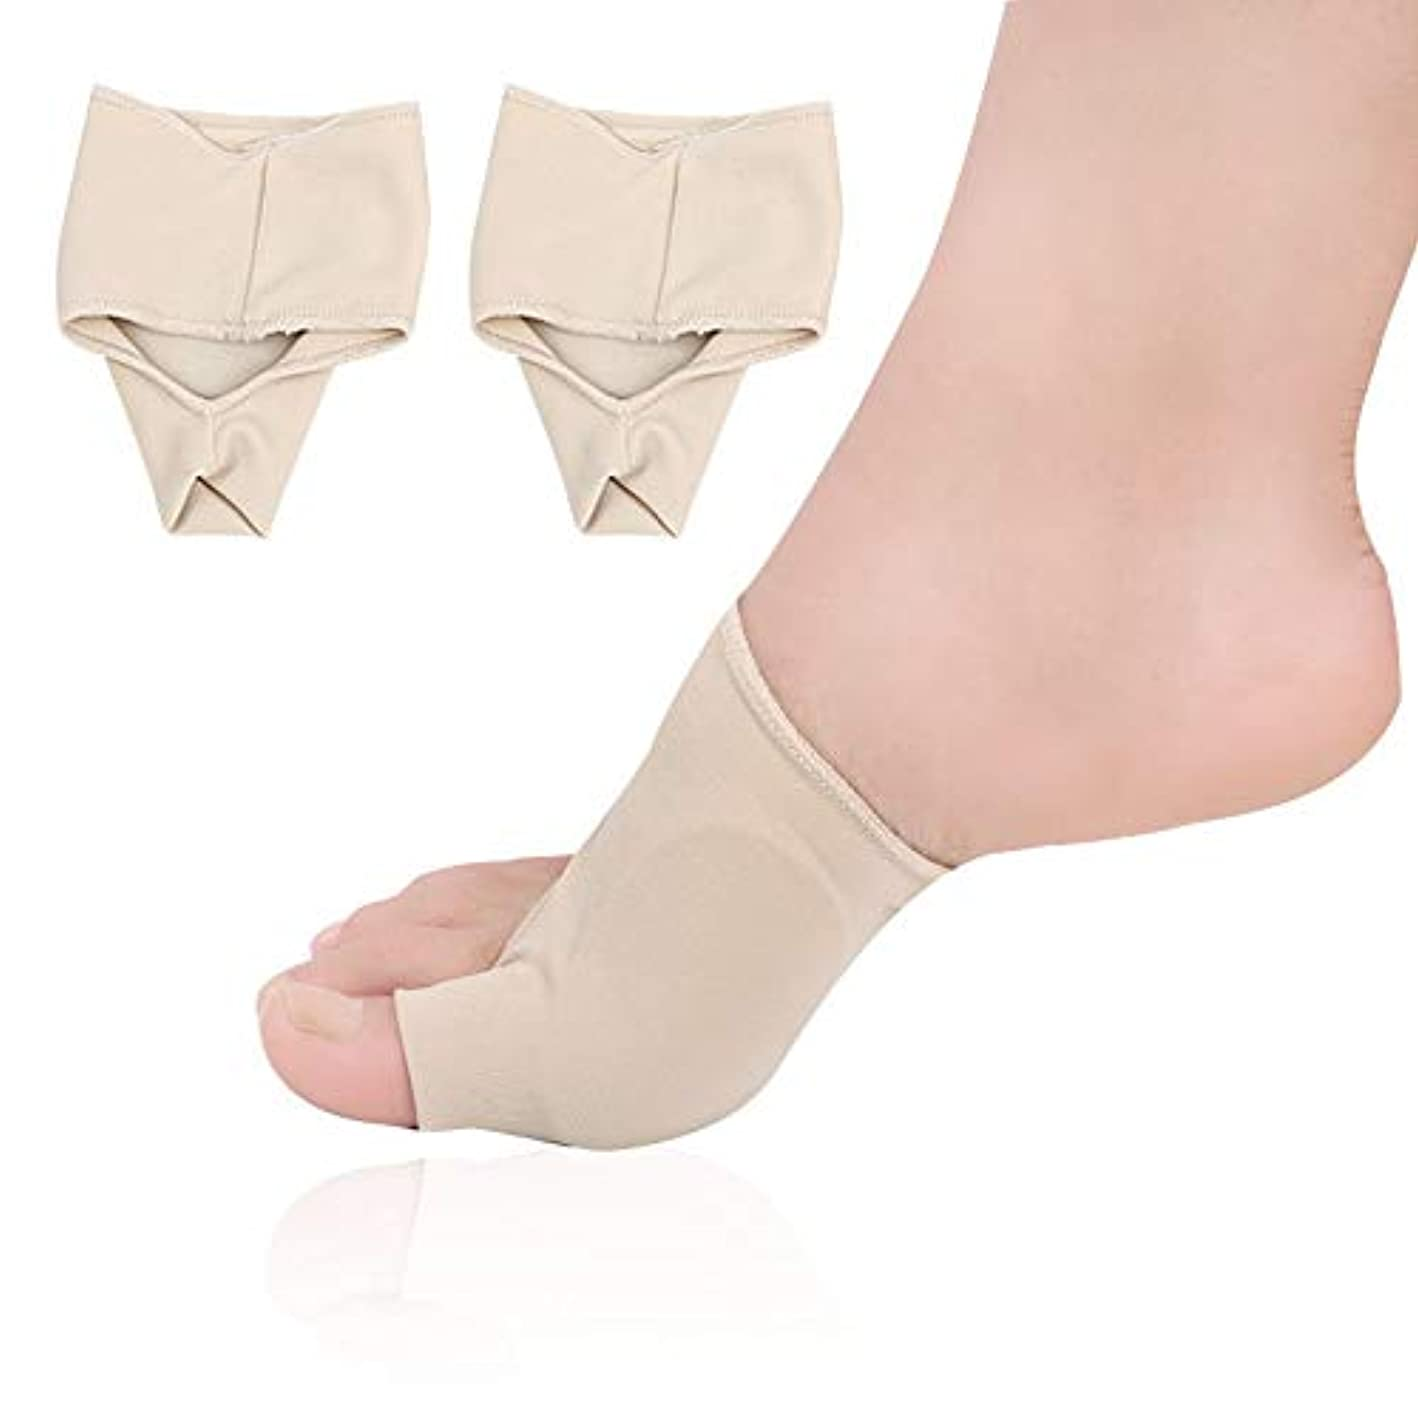 も征服家主つま先矯正靴下ケアつま先防止重複伸縮性の高いダンピング吸収汗通気性ライクラSEBS布,5pairs,L